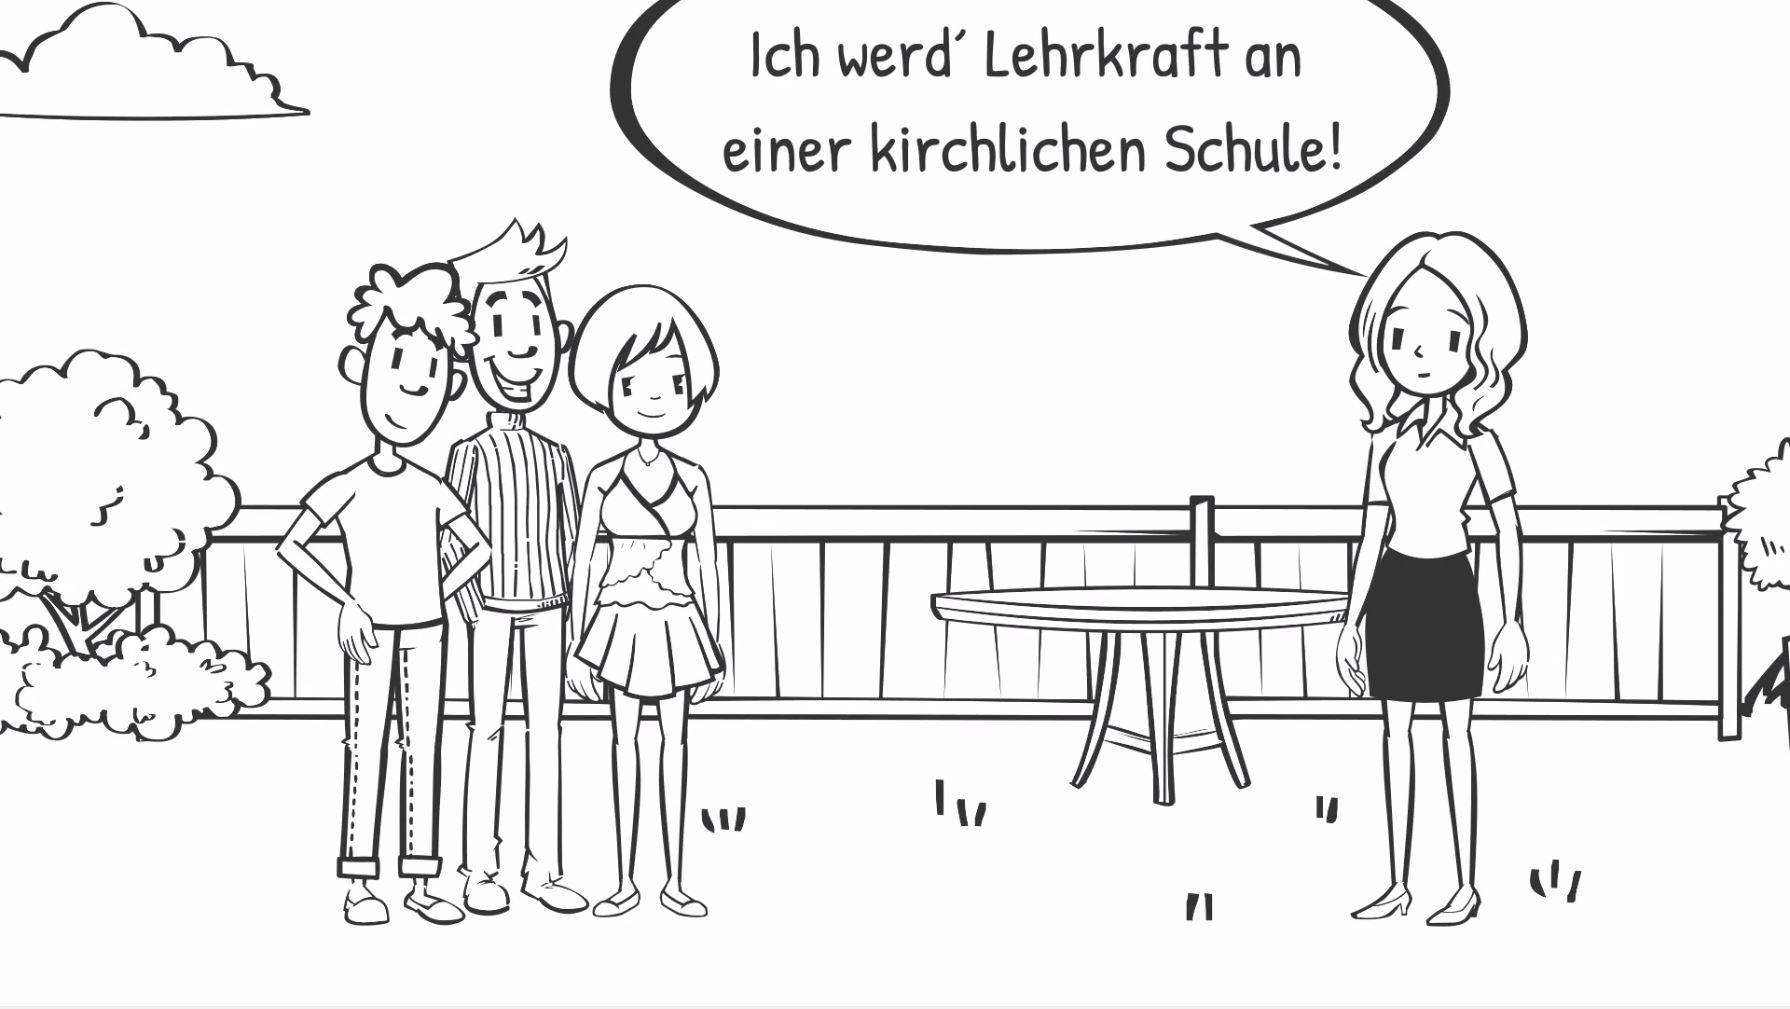 Herbst Winter 2017 kaufrausch augsburgs Webseite!